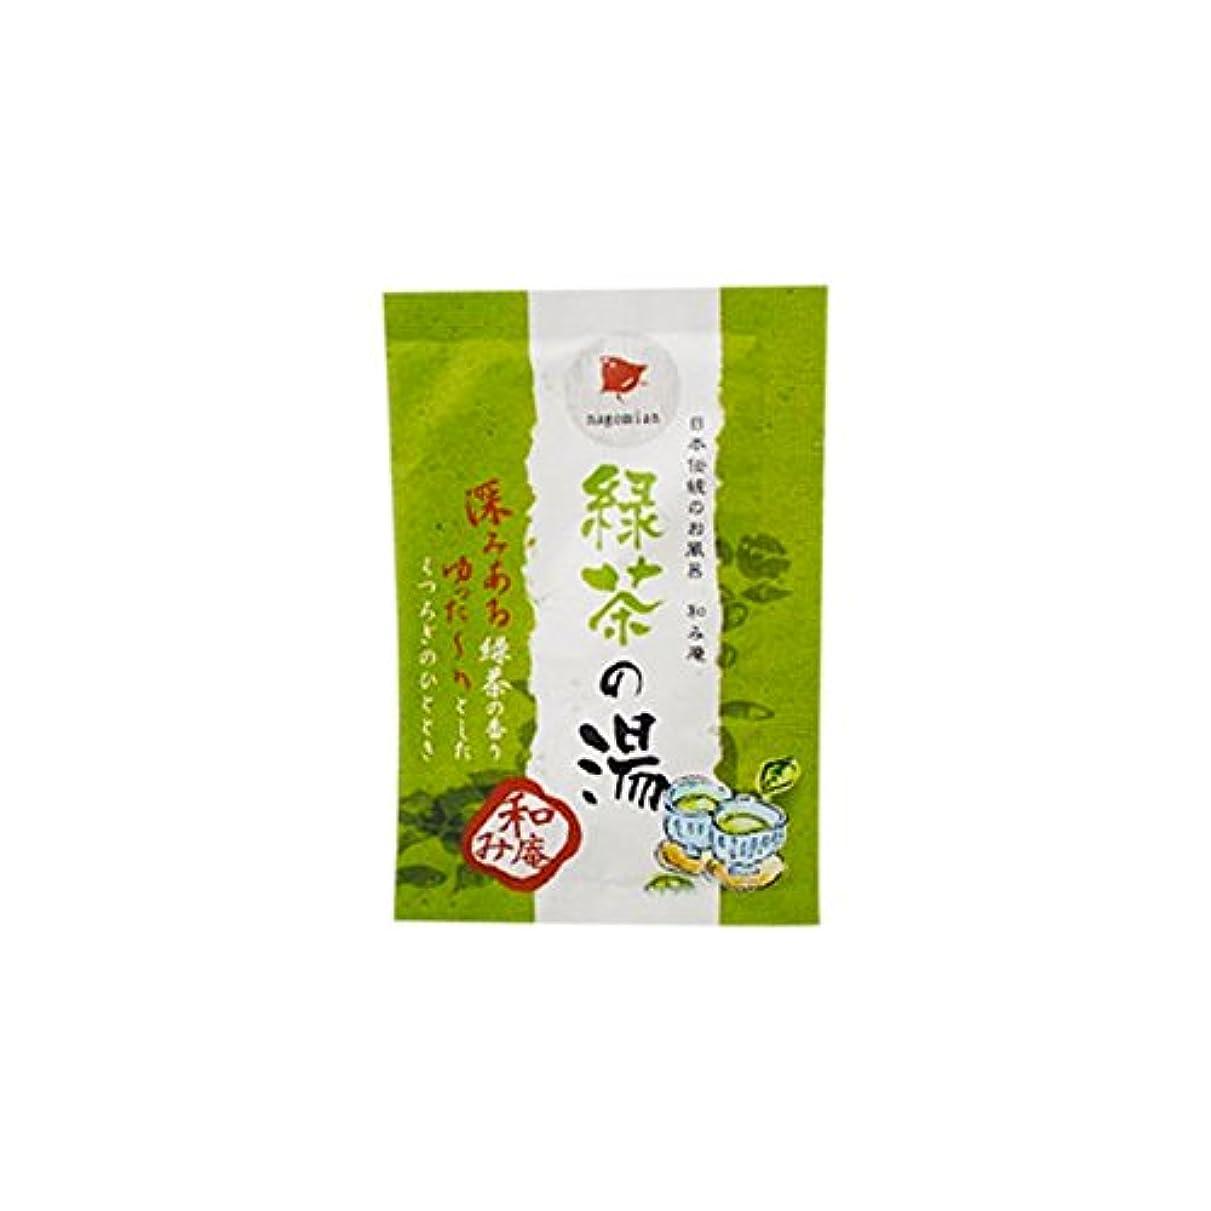 正気回想韓国和み庵 入浴剤 「緑茶の湯」30個